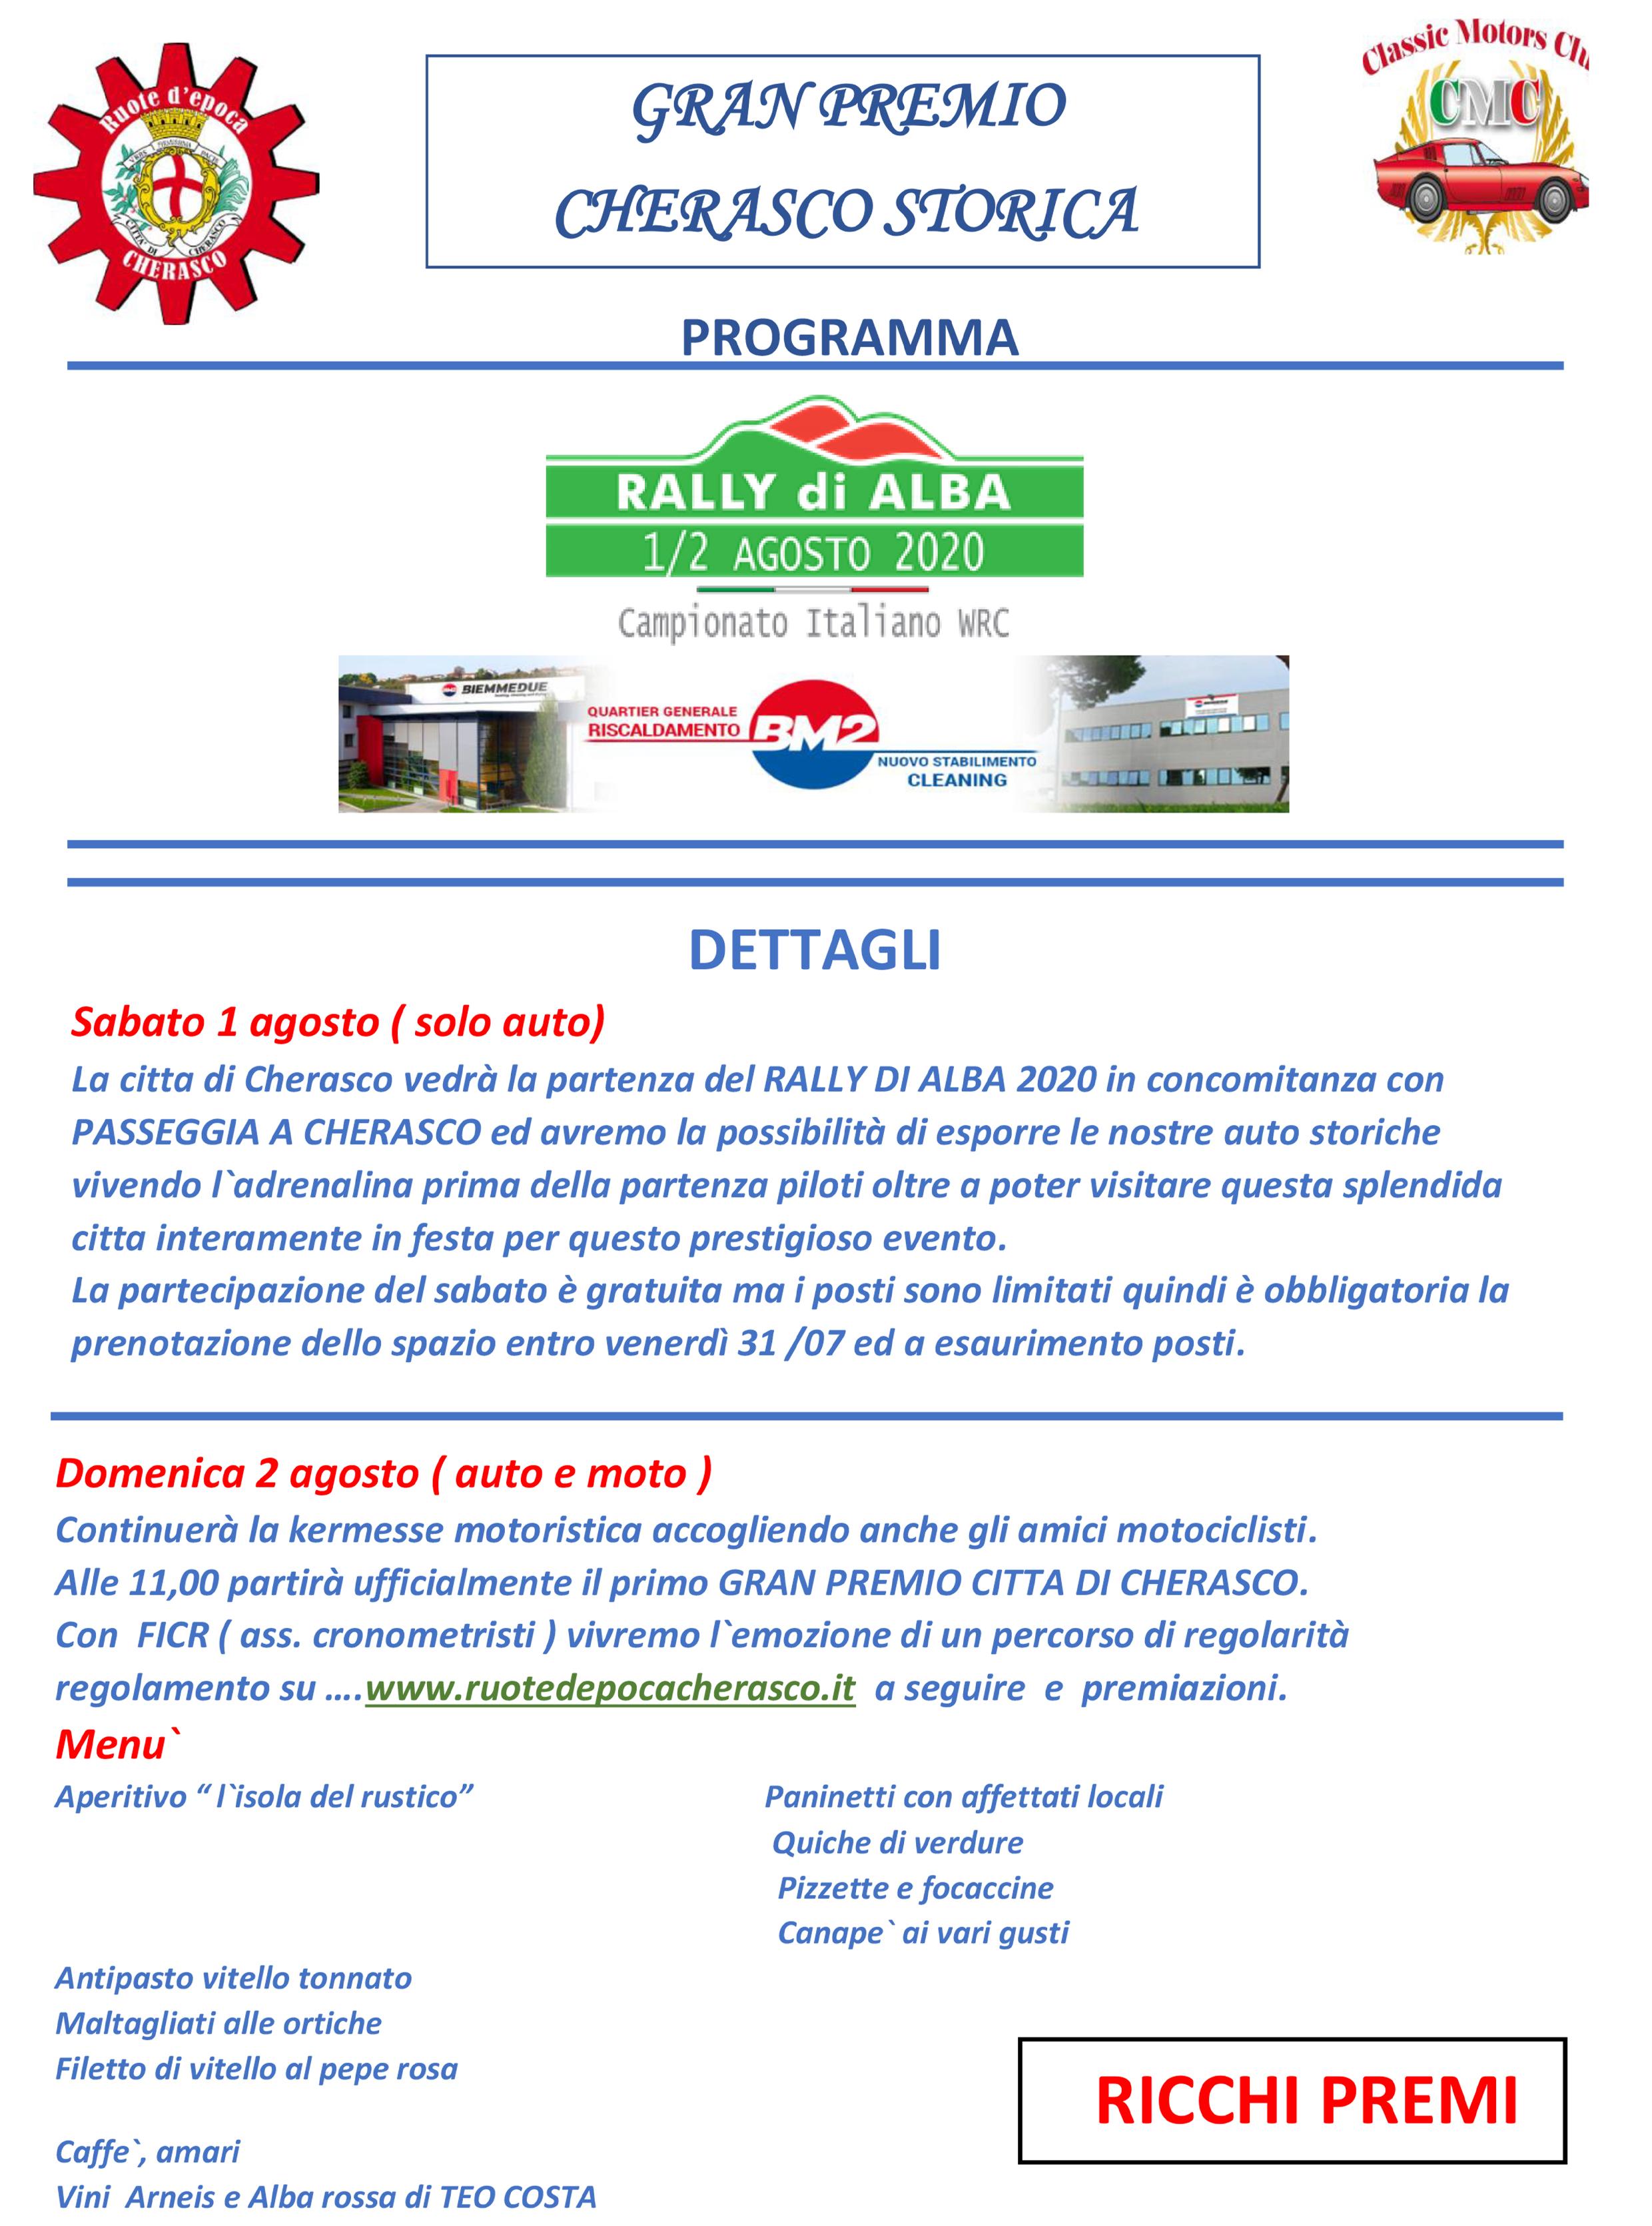 programma-gran-premio2